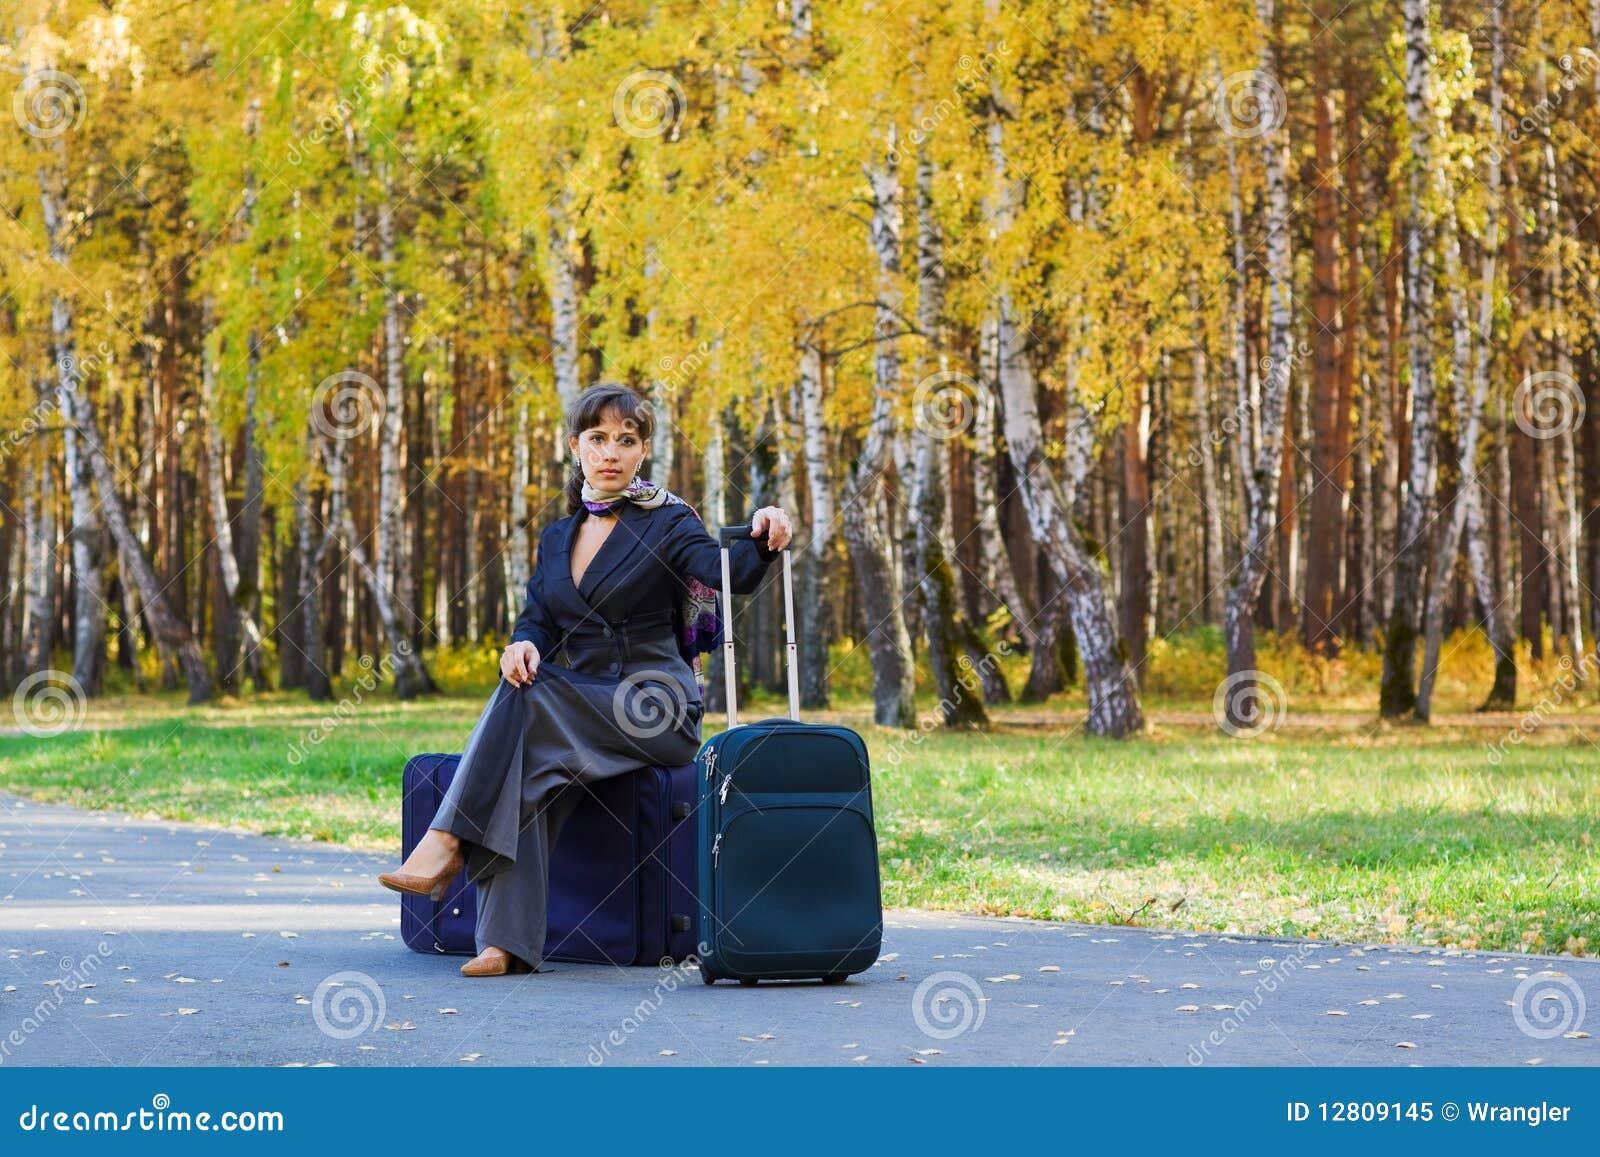 Mulher de negócios que senta-se em uma bagagem.